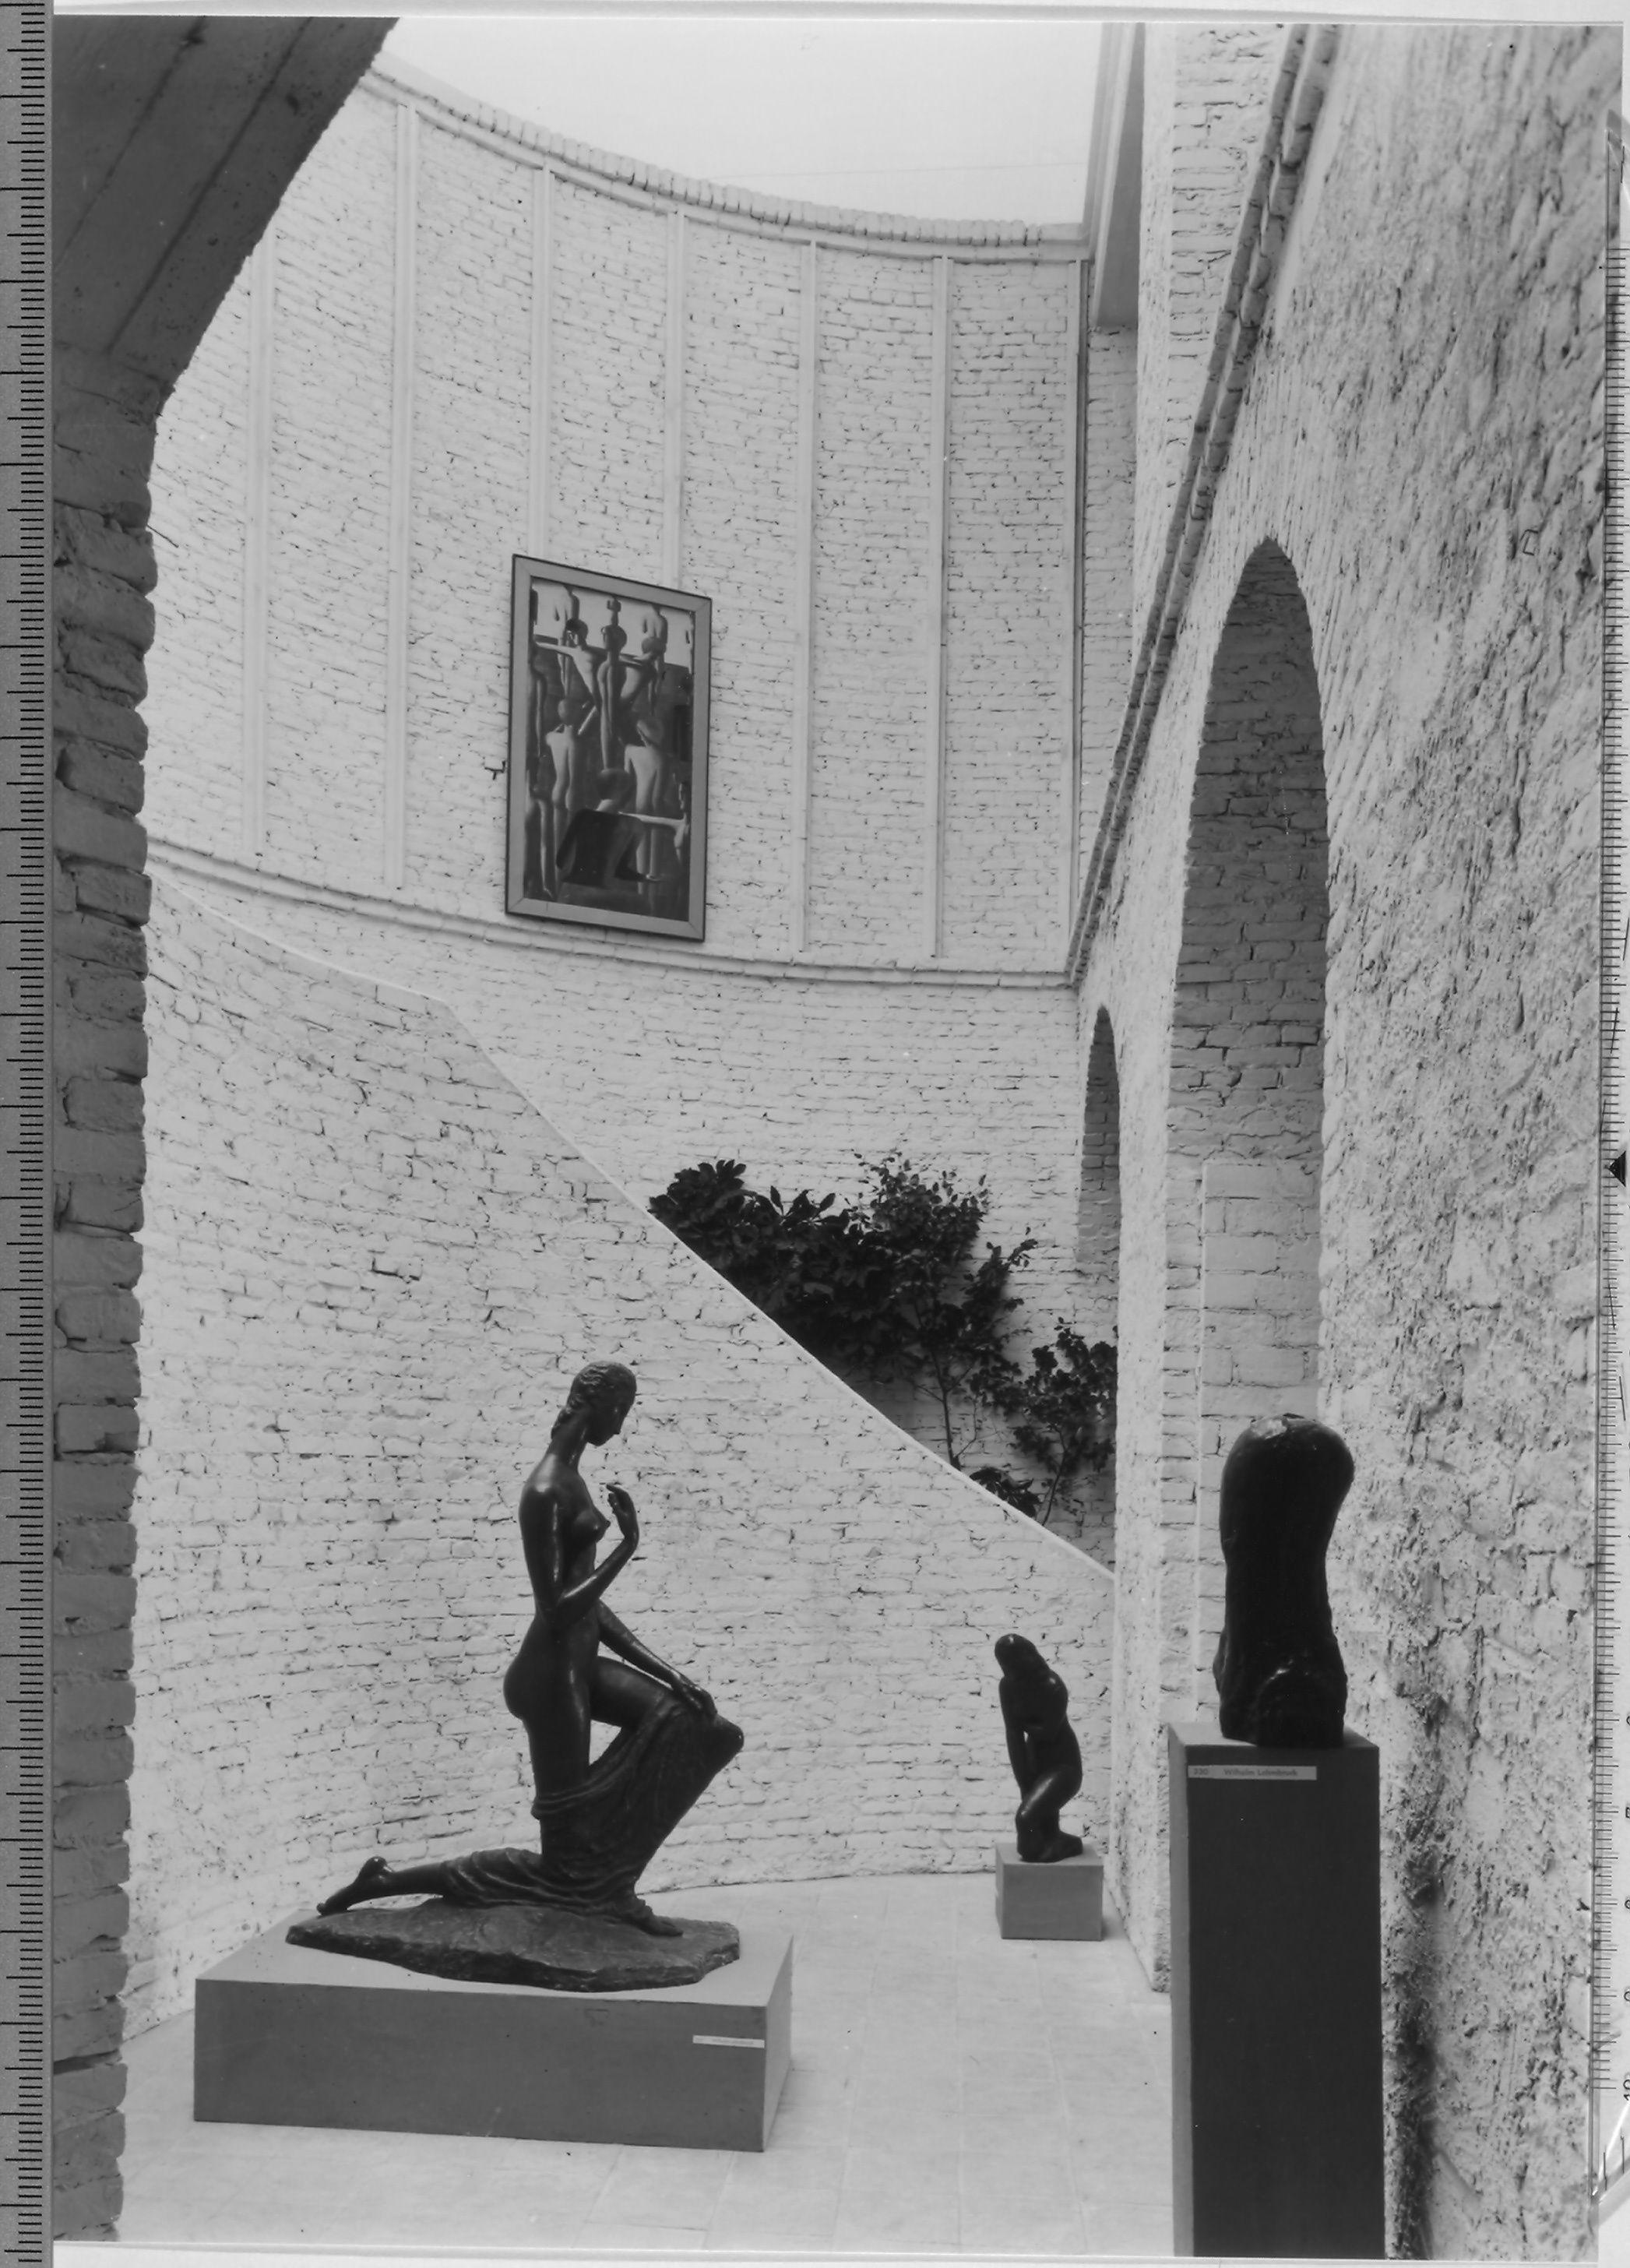 Documenta I in Kassel, 1955 midden Wilhelm Lehmbruck, Grosse Kniende, 1911